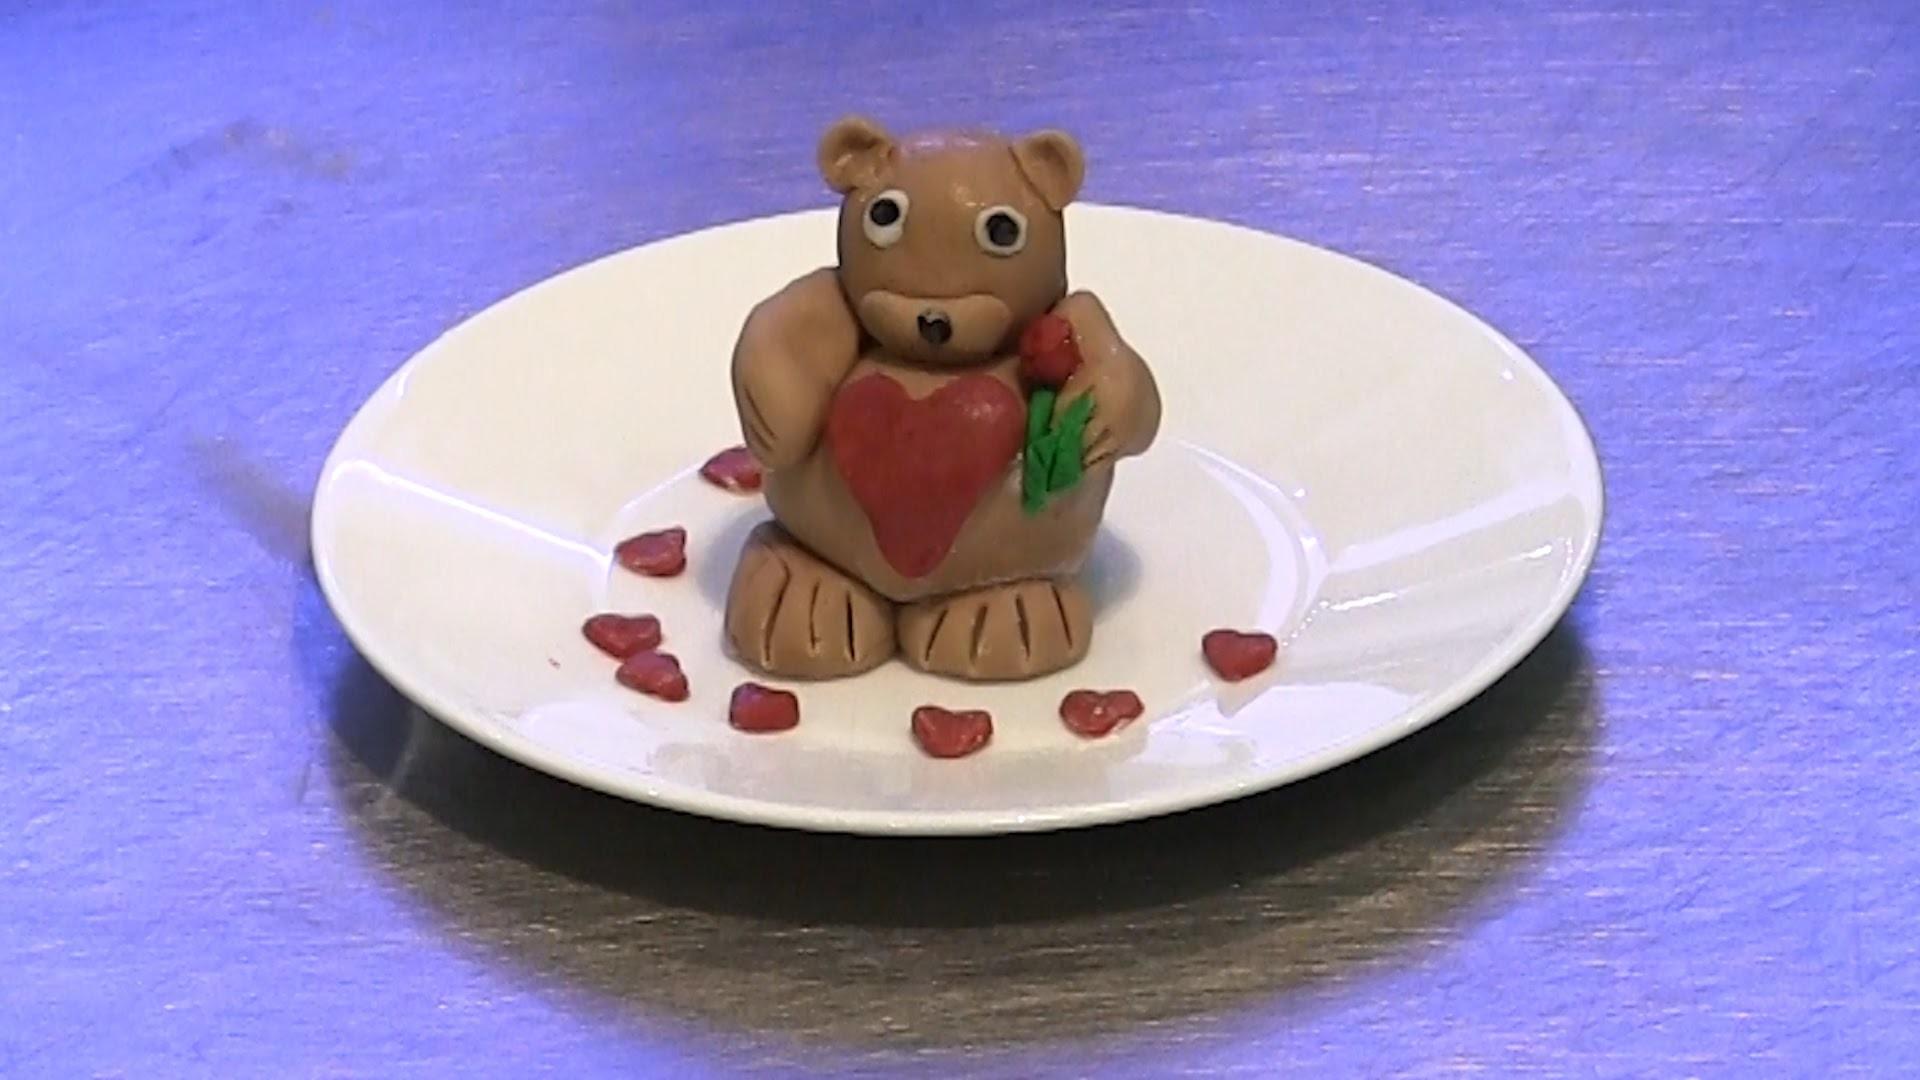 How to Make a Valentine's Teddy Bear Cake